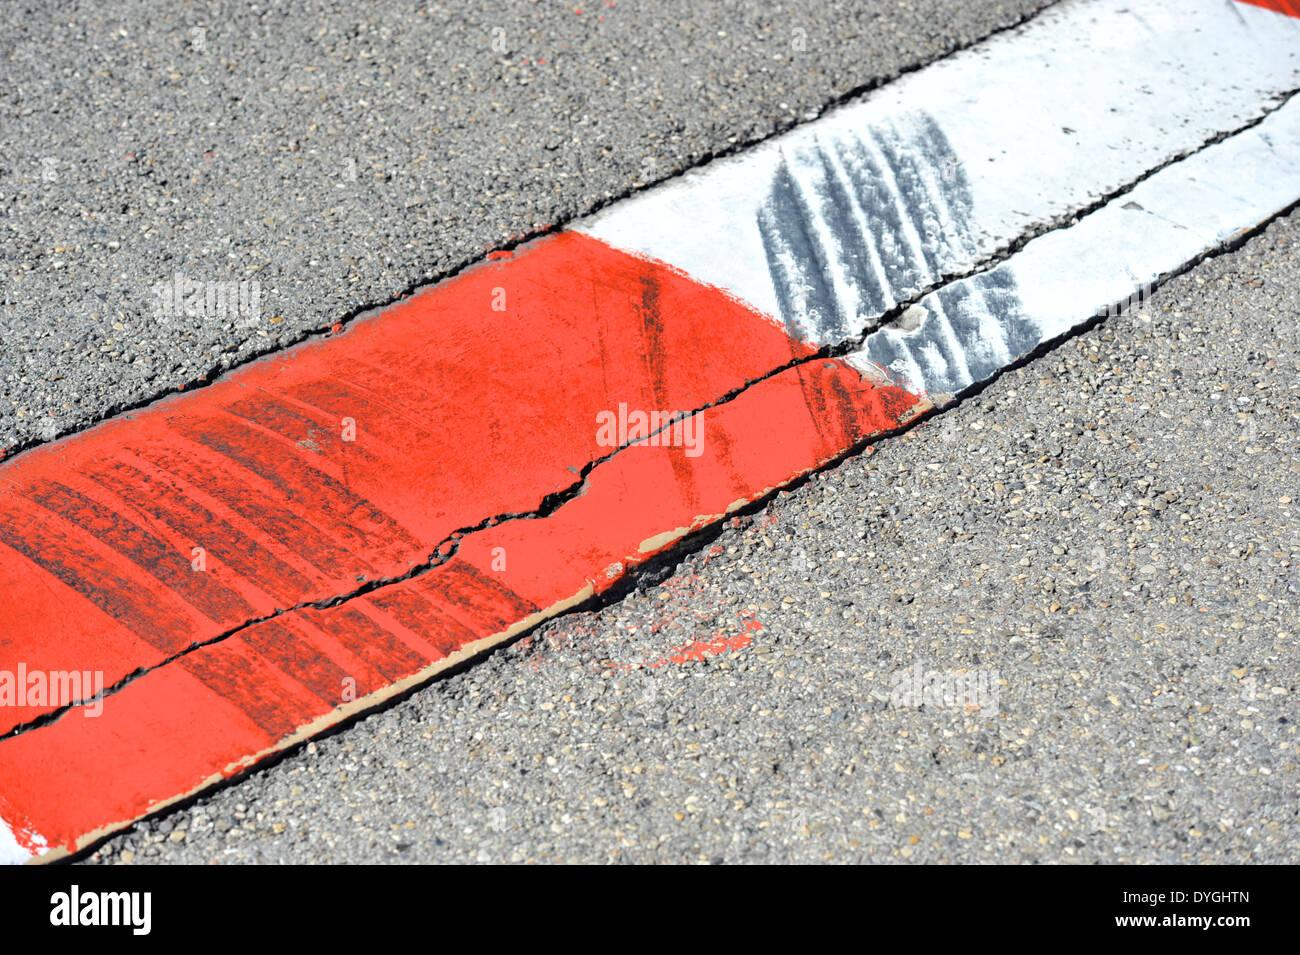 Les pistes de débardage des pneus près de l'hôtel Fairmont de Monaco en épingle. Photo Stock